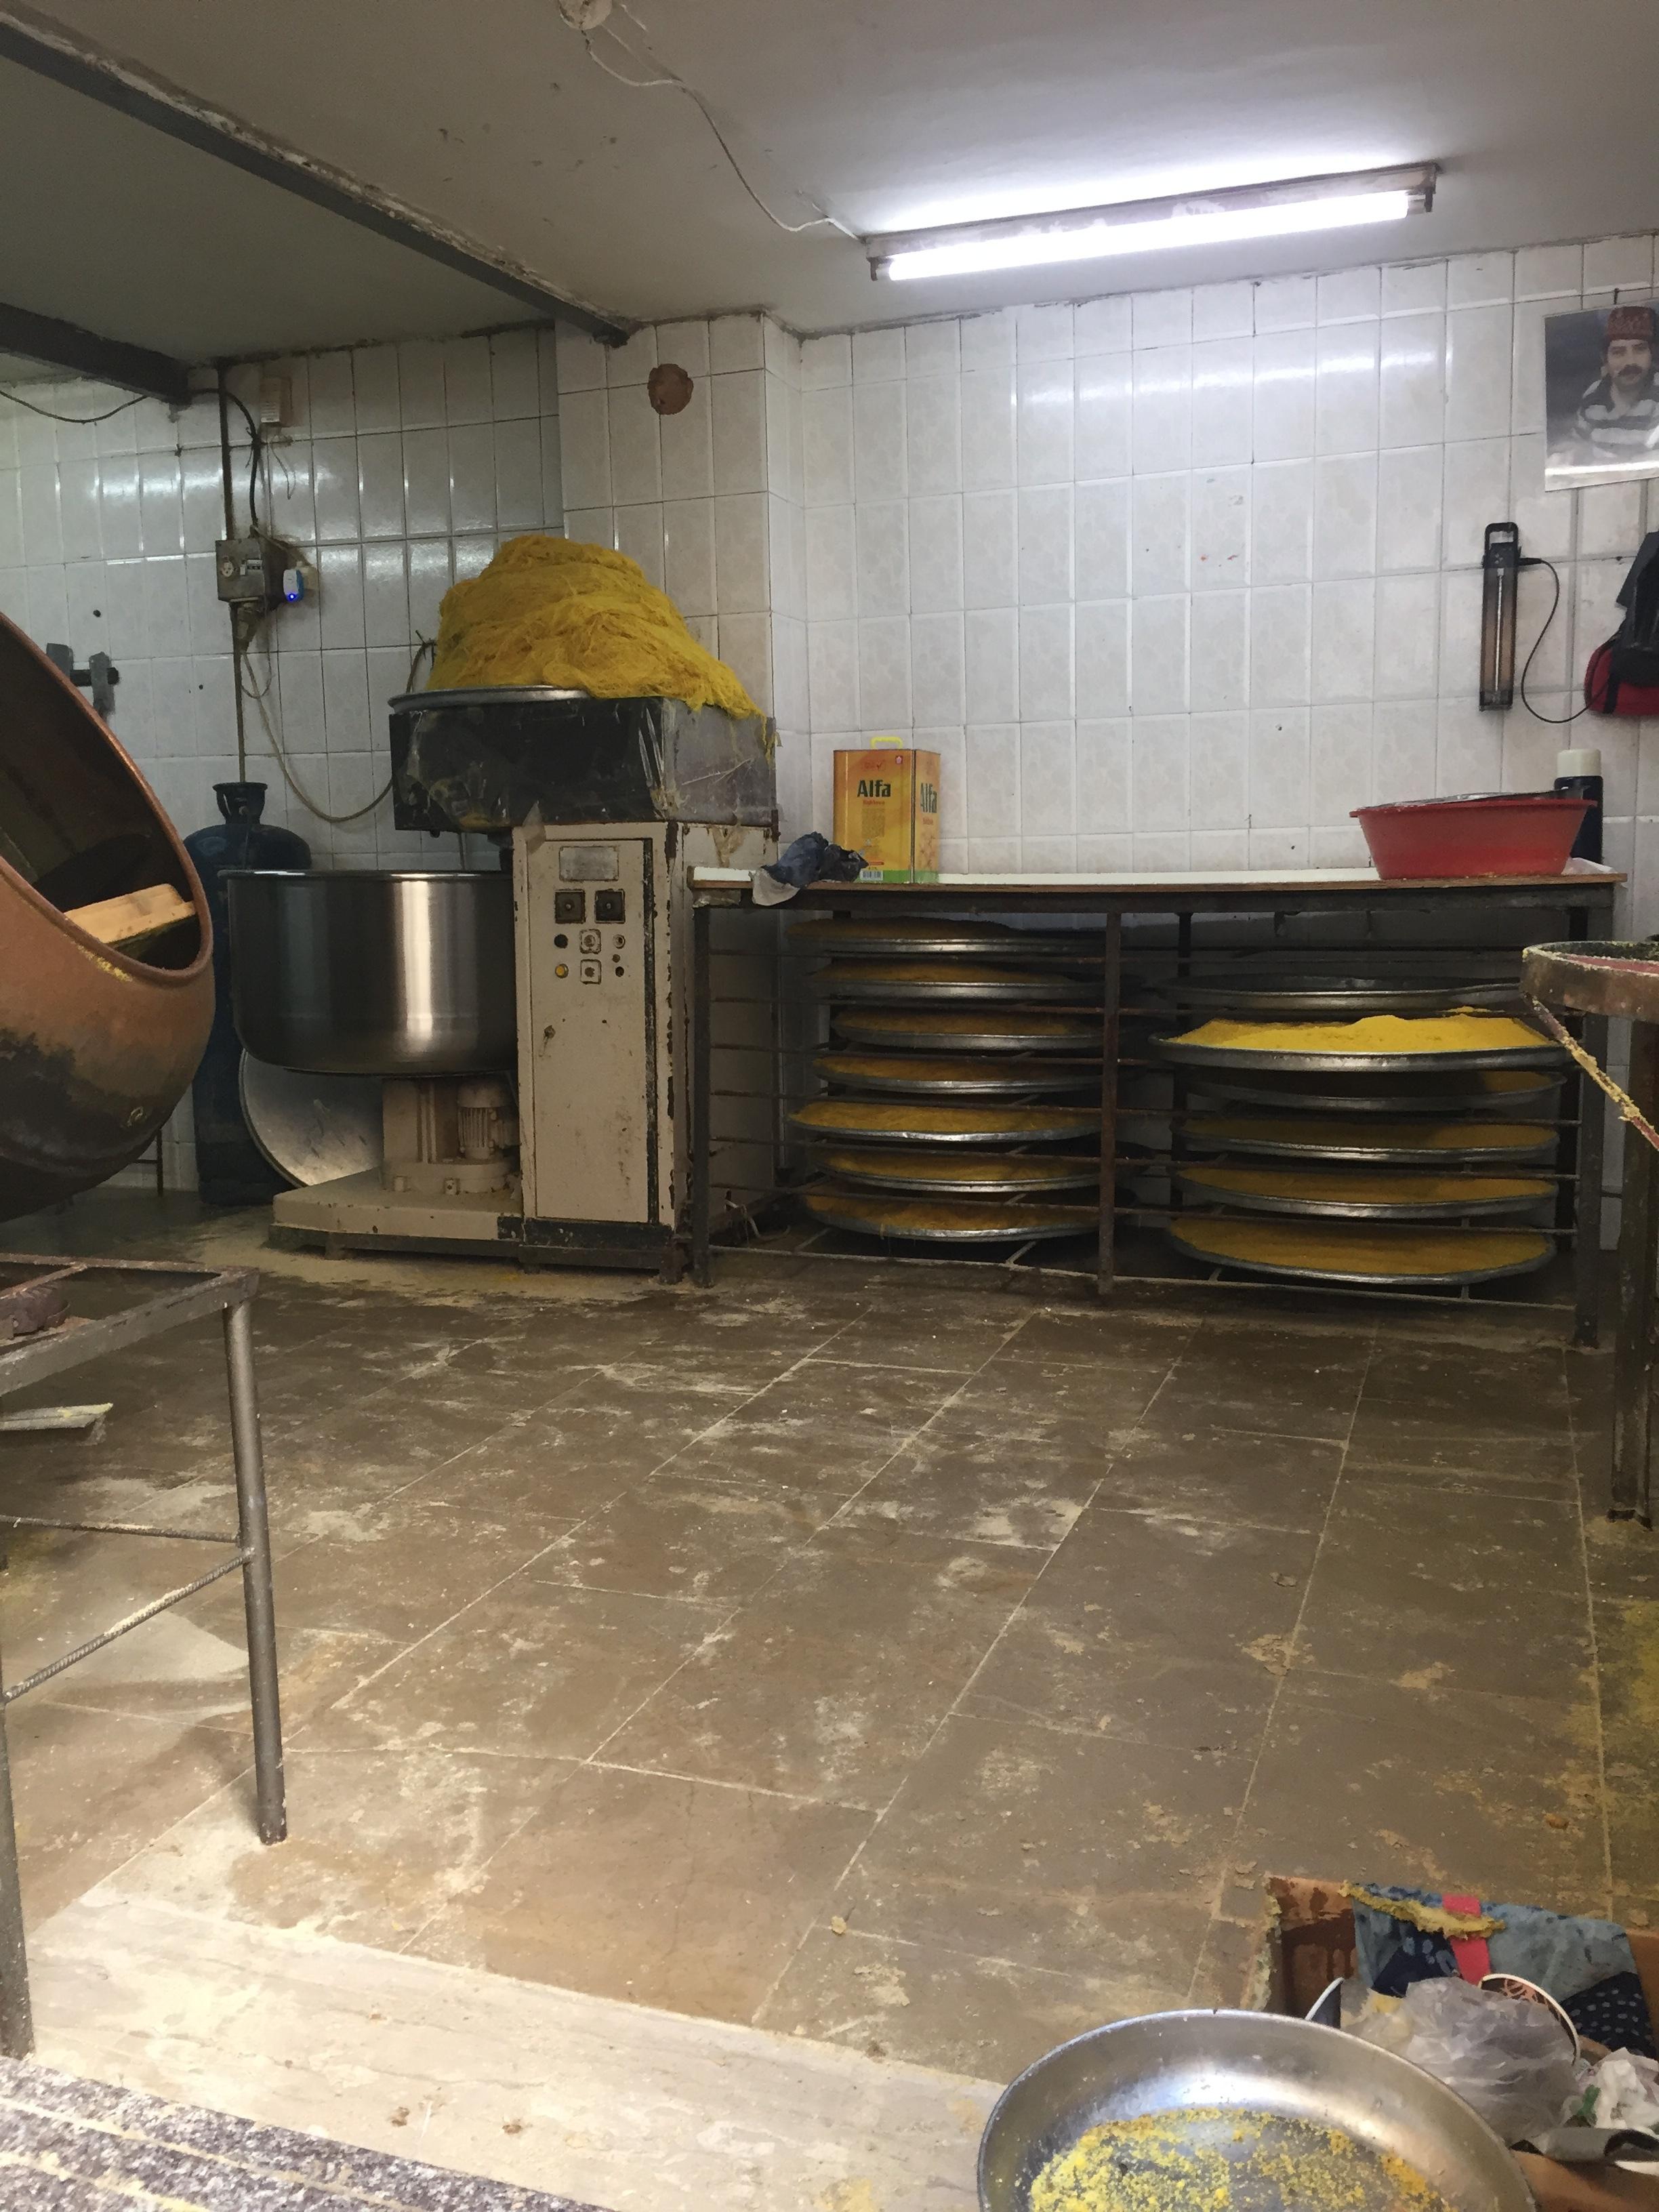 Try Wonder Erasmus Exchange Israel - Nablus in 10 Images 6 - kanafeh shop